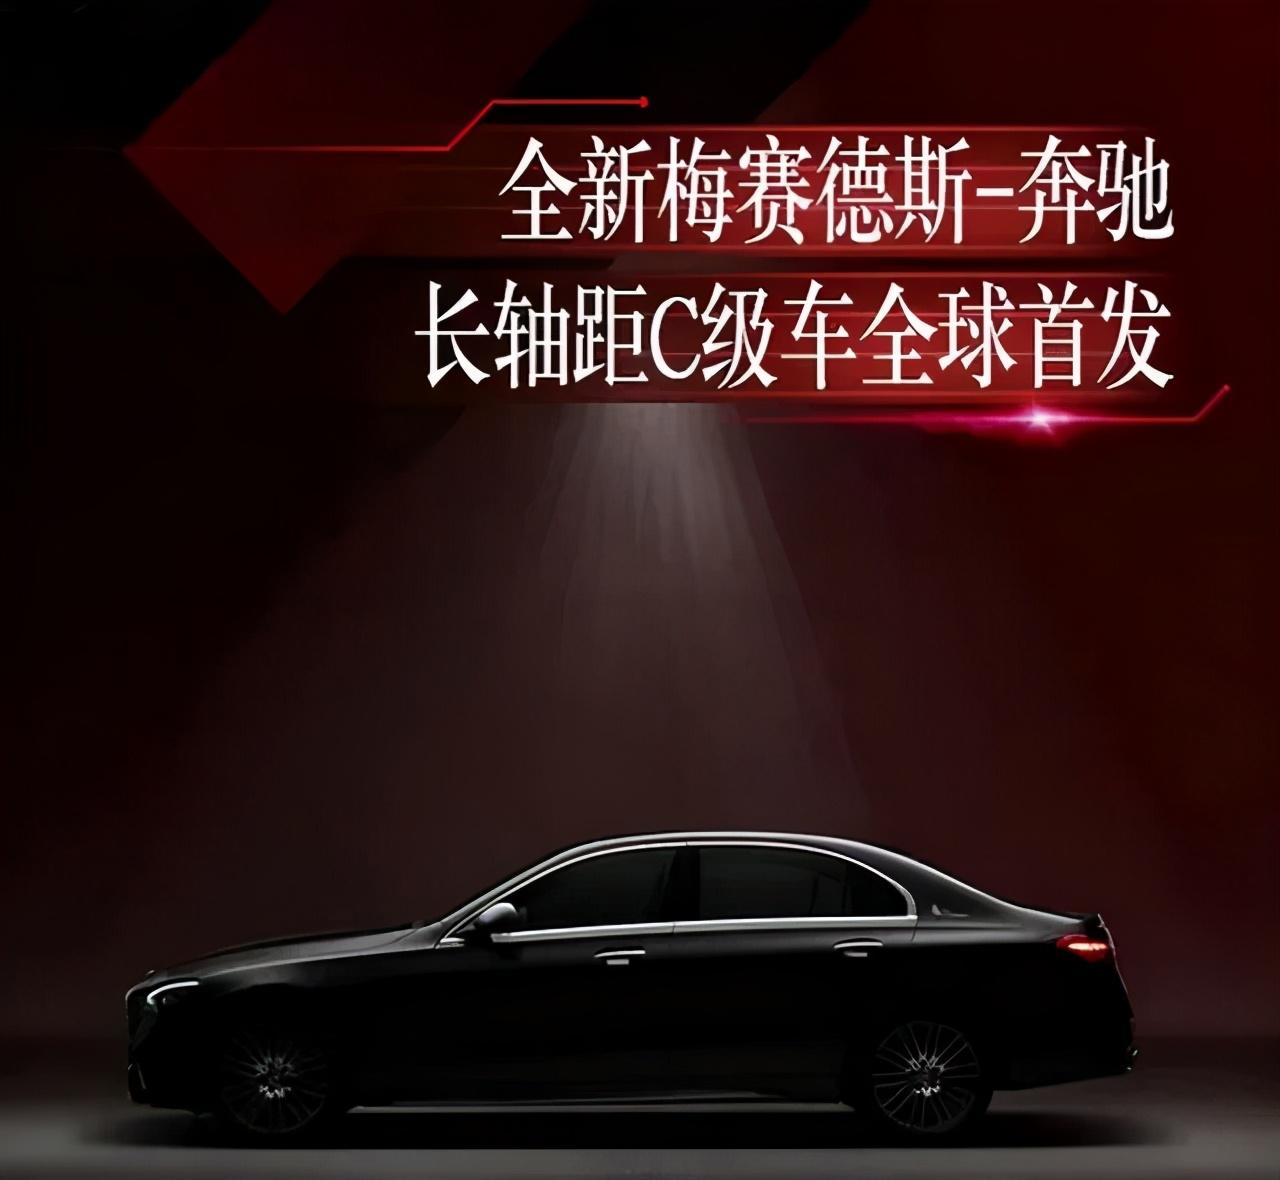 2021上海车展前瞻:拥抱变化,全力奔跑